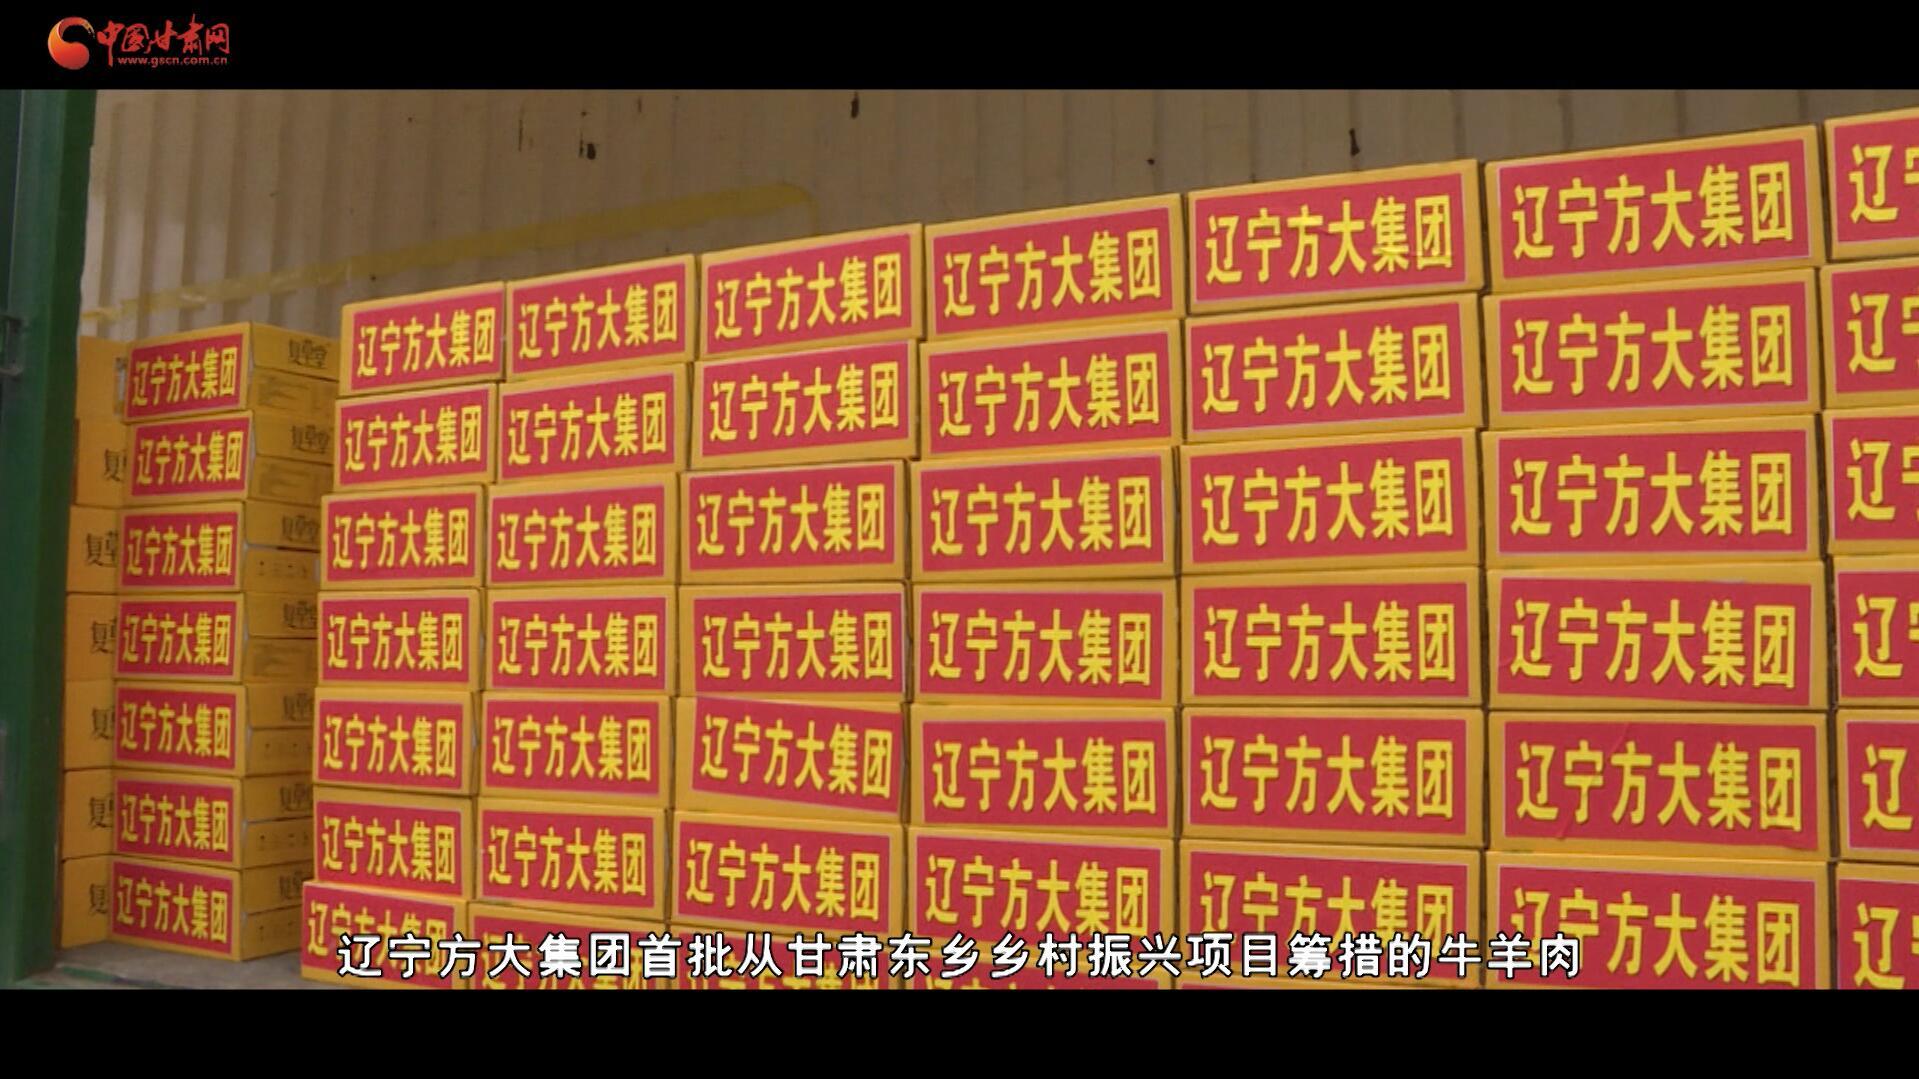 视频|辽宁方大集团向山西灾区捐赠1亿 甘肃东乡扶贫车间首批1500万救援物资发放灾区